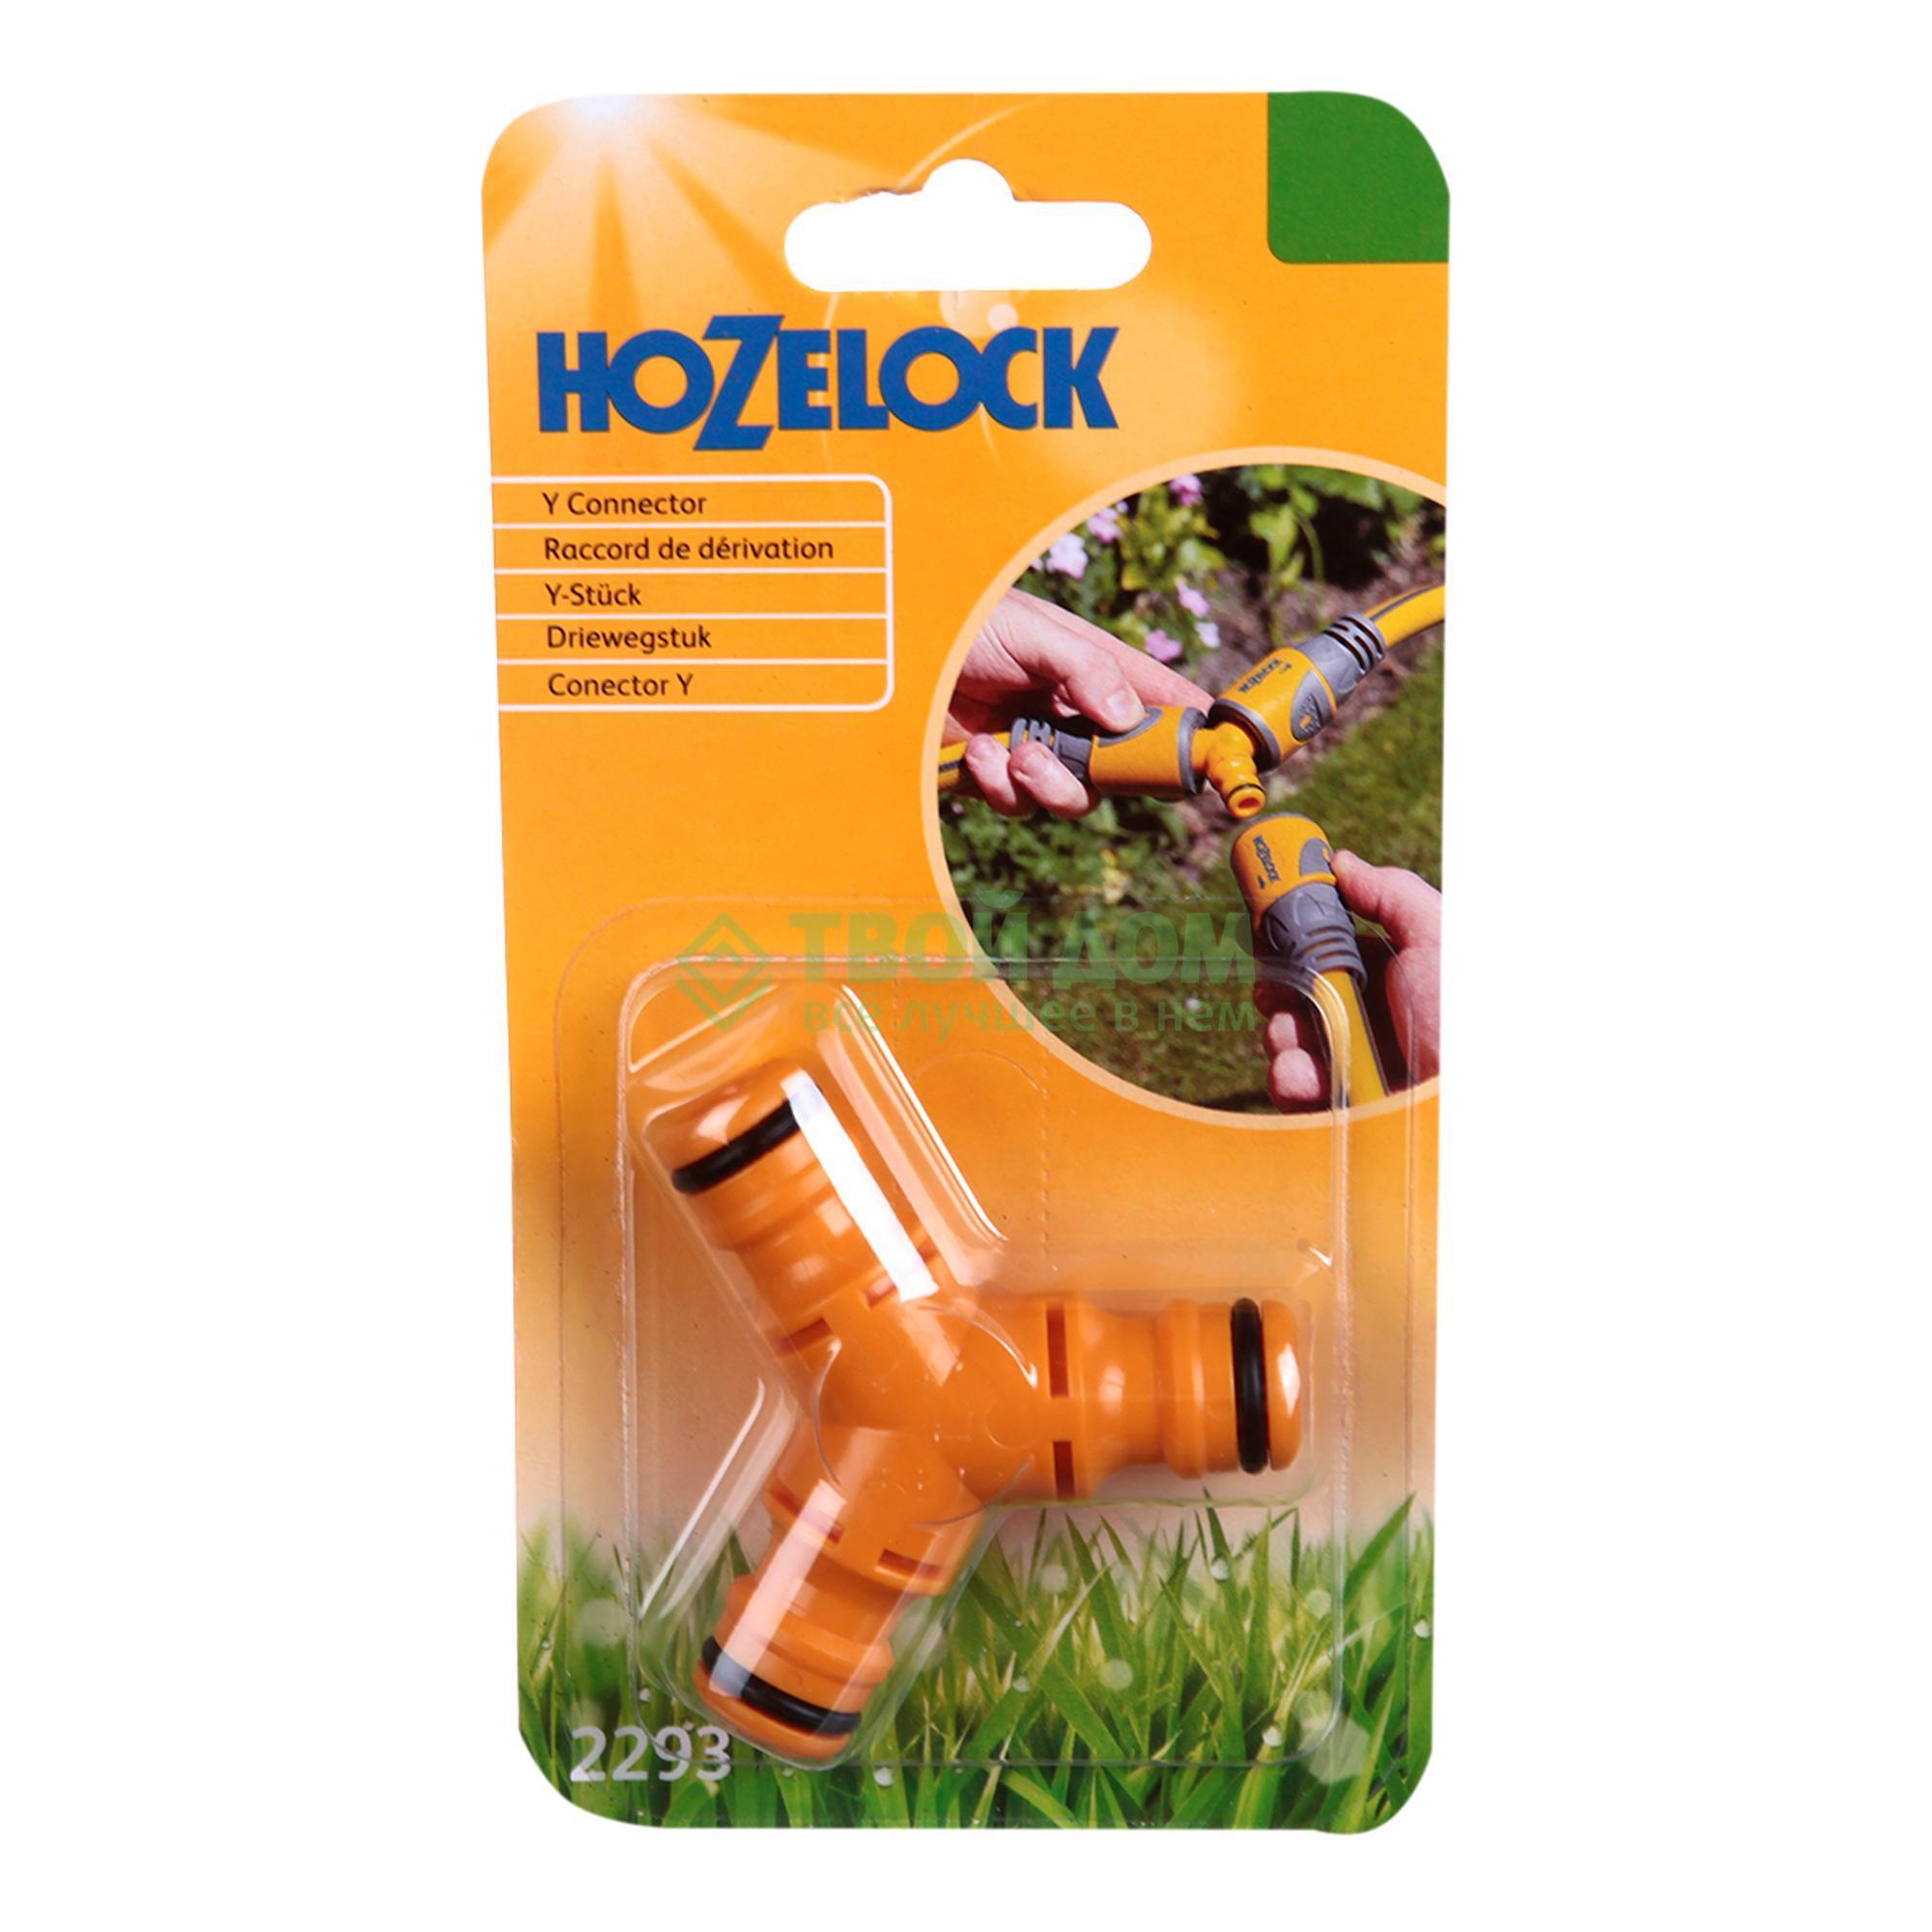 Купить Коннектор Y-образный Hozelock 2293p9000, коннектор, Великобритания, желтый, пластик